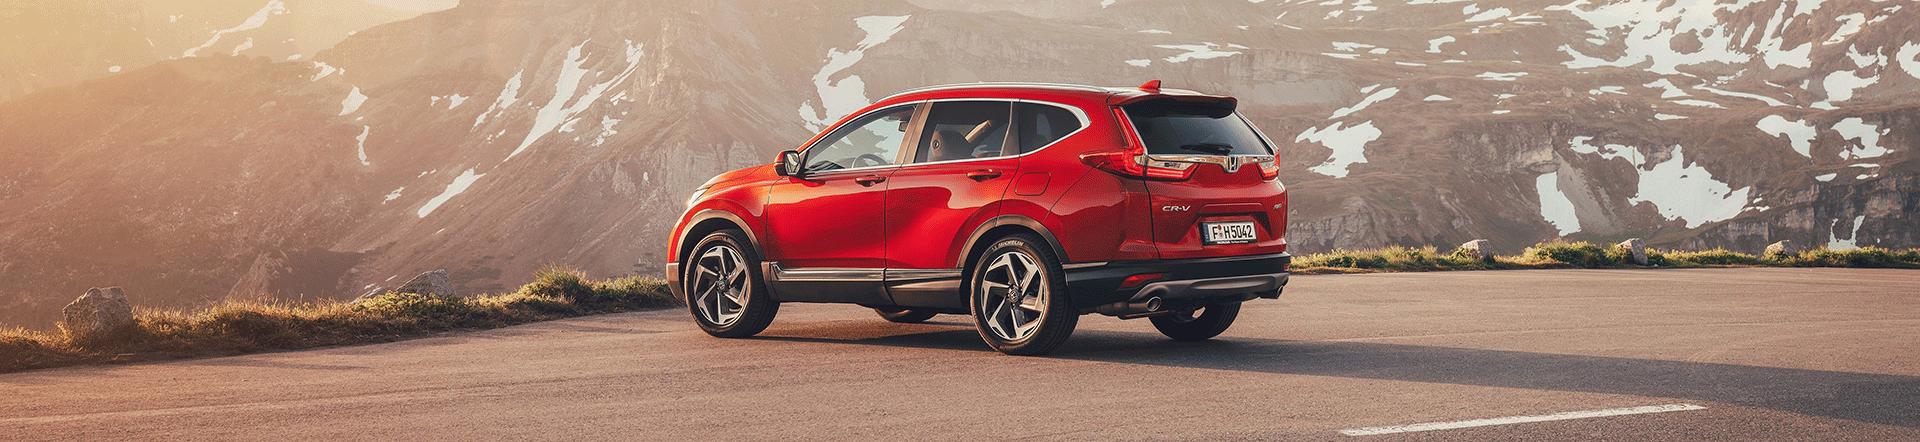 Honda CR-V 2018 Header Seitenansicht Berge Outdoor Rot SUV